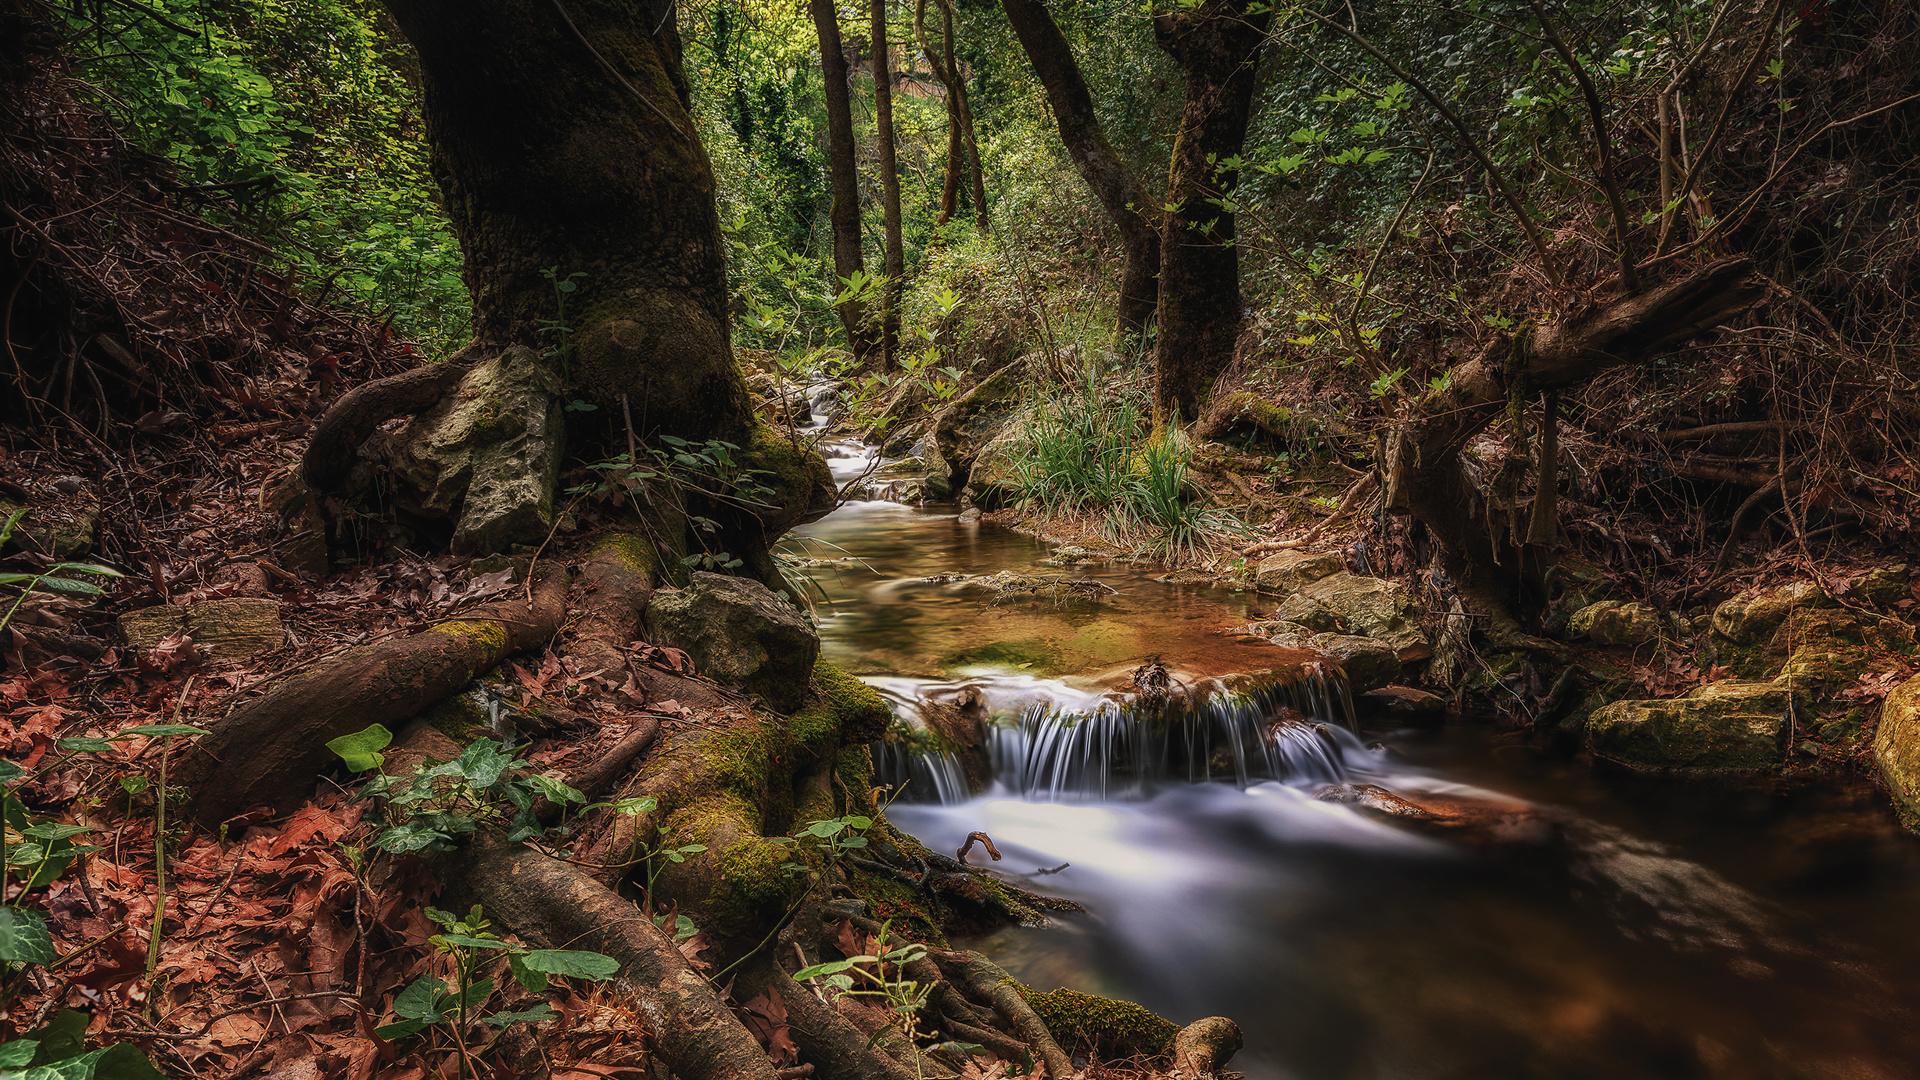 греция, лес, athens, ствол, дерева, ручей, мох, природа